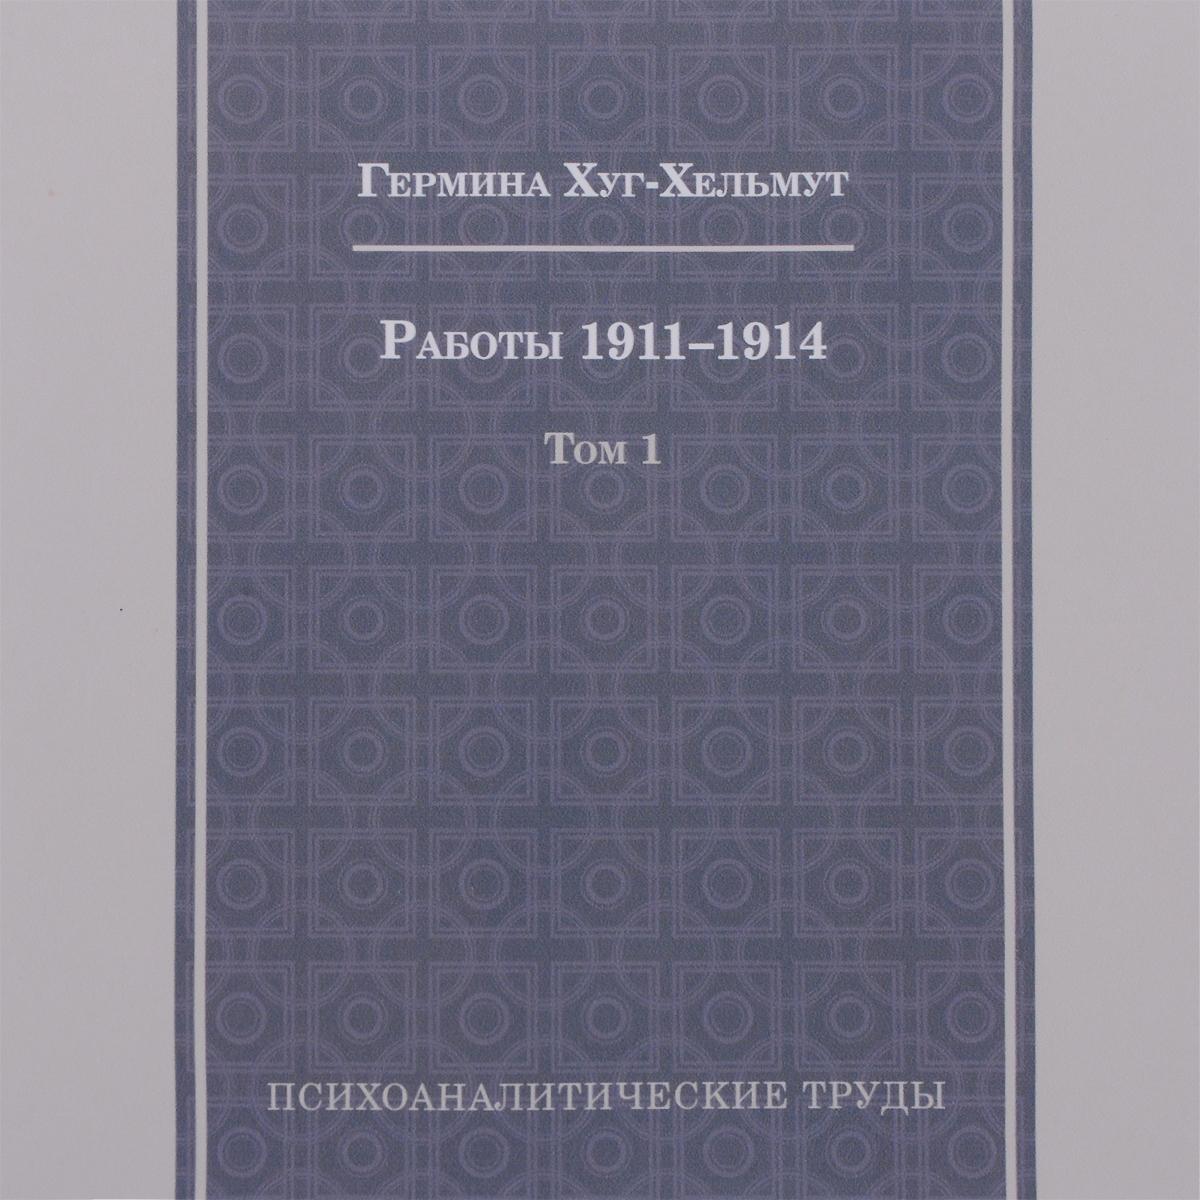 Гермина Хуг-Хельмут. Работы 1911-1914. Том 1. Электронная версия